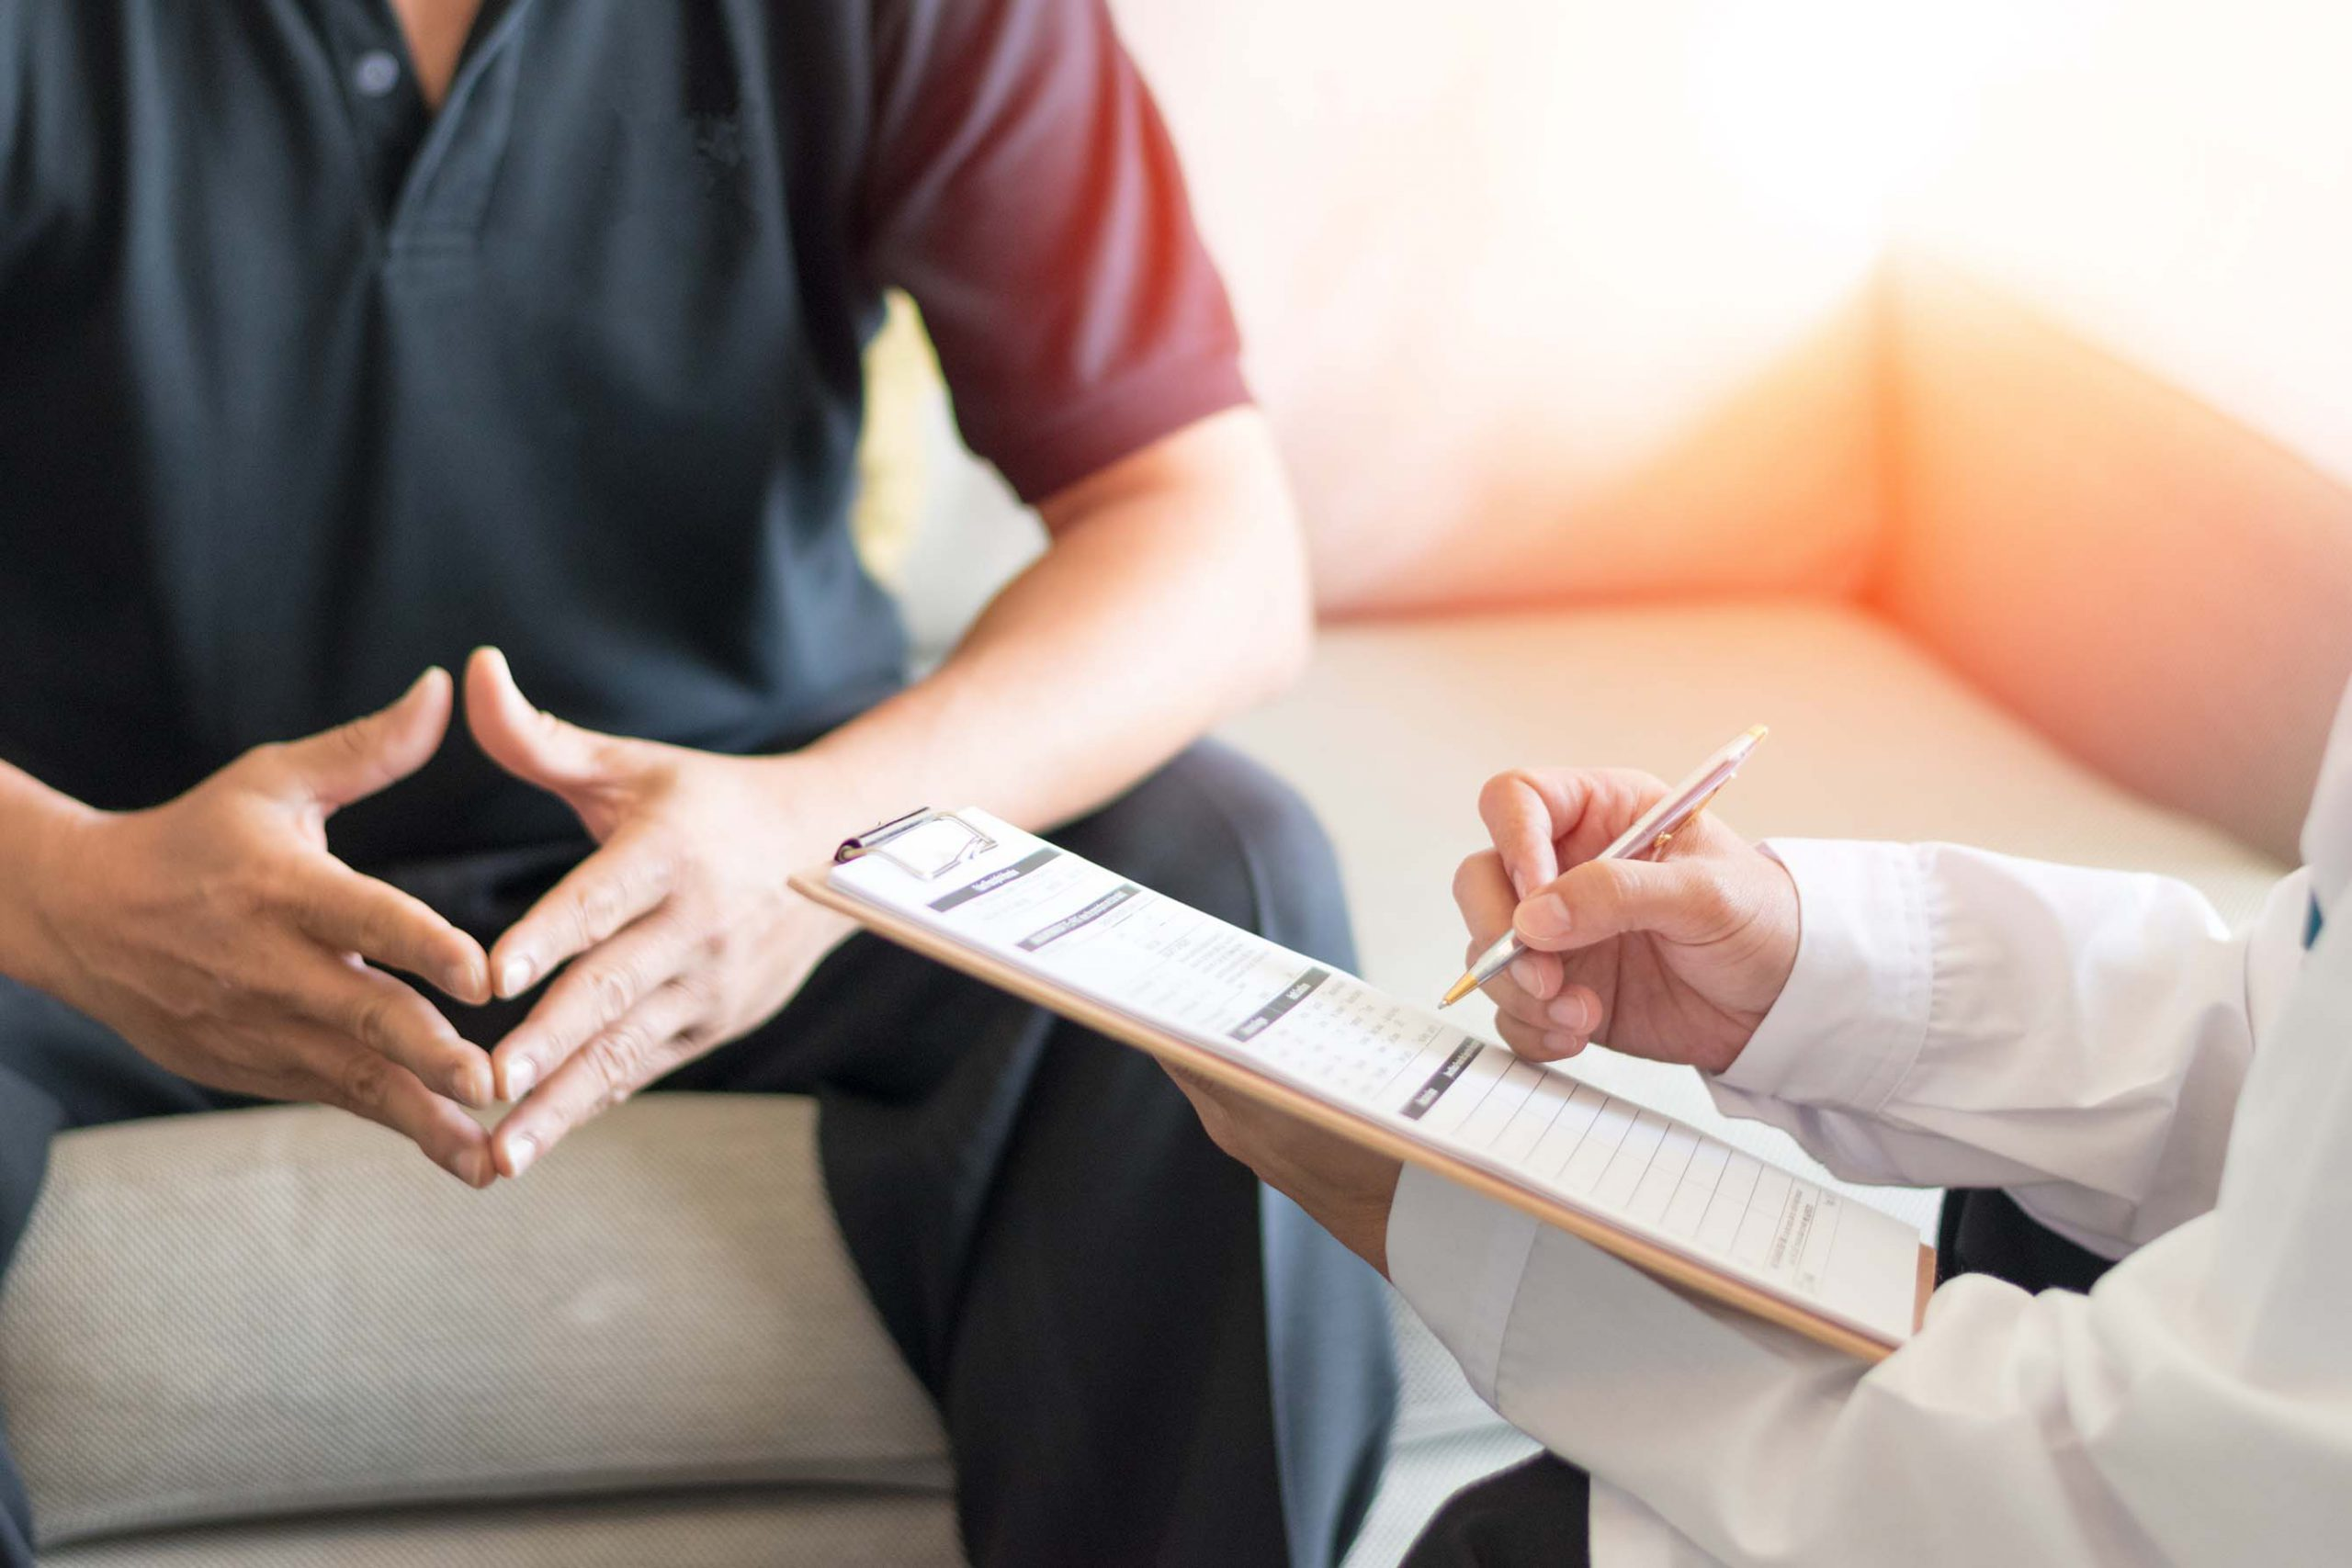 Refundacja sprzętu dla pacjentów urologicznych